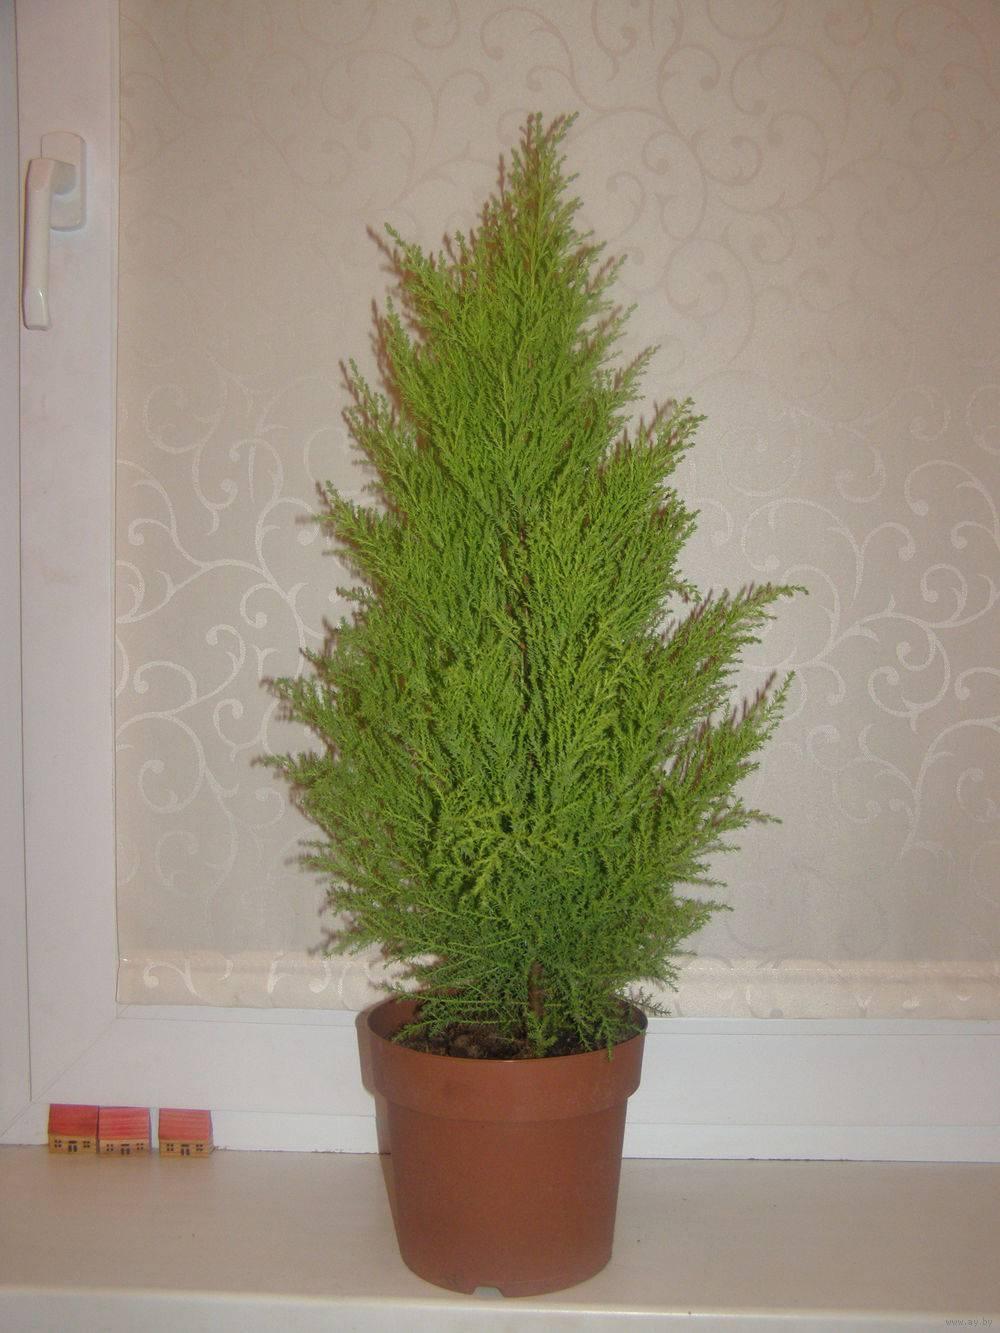 Вечно зеленый кипарисник (хамаекипарисовик) – секреты ухода в домашних условиях за комнатным кипарисом